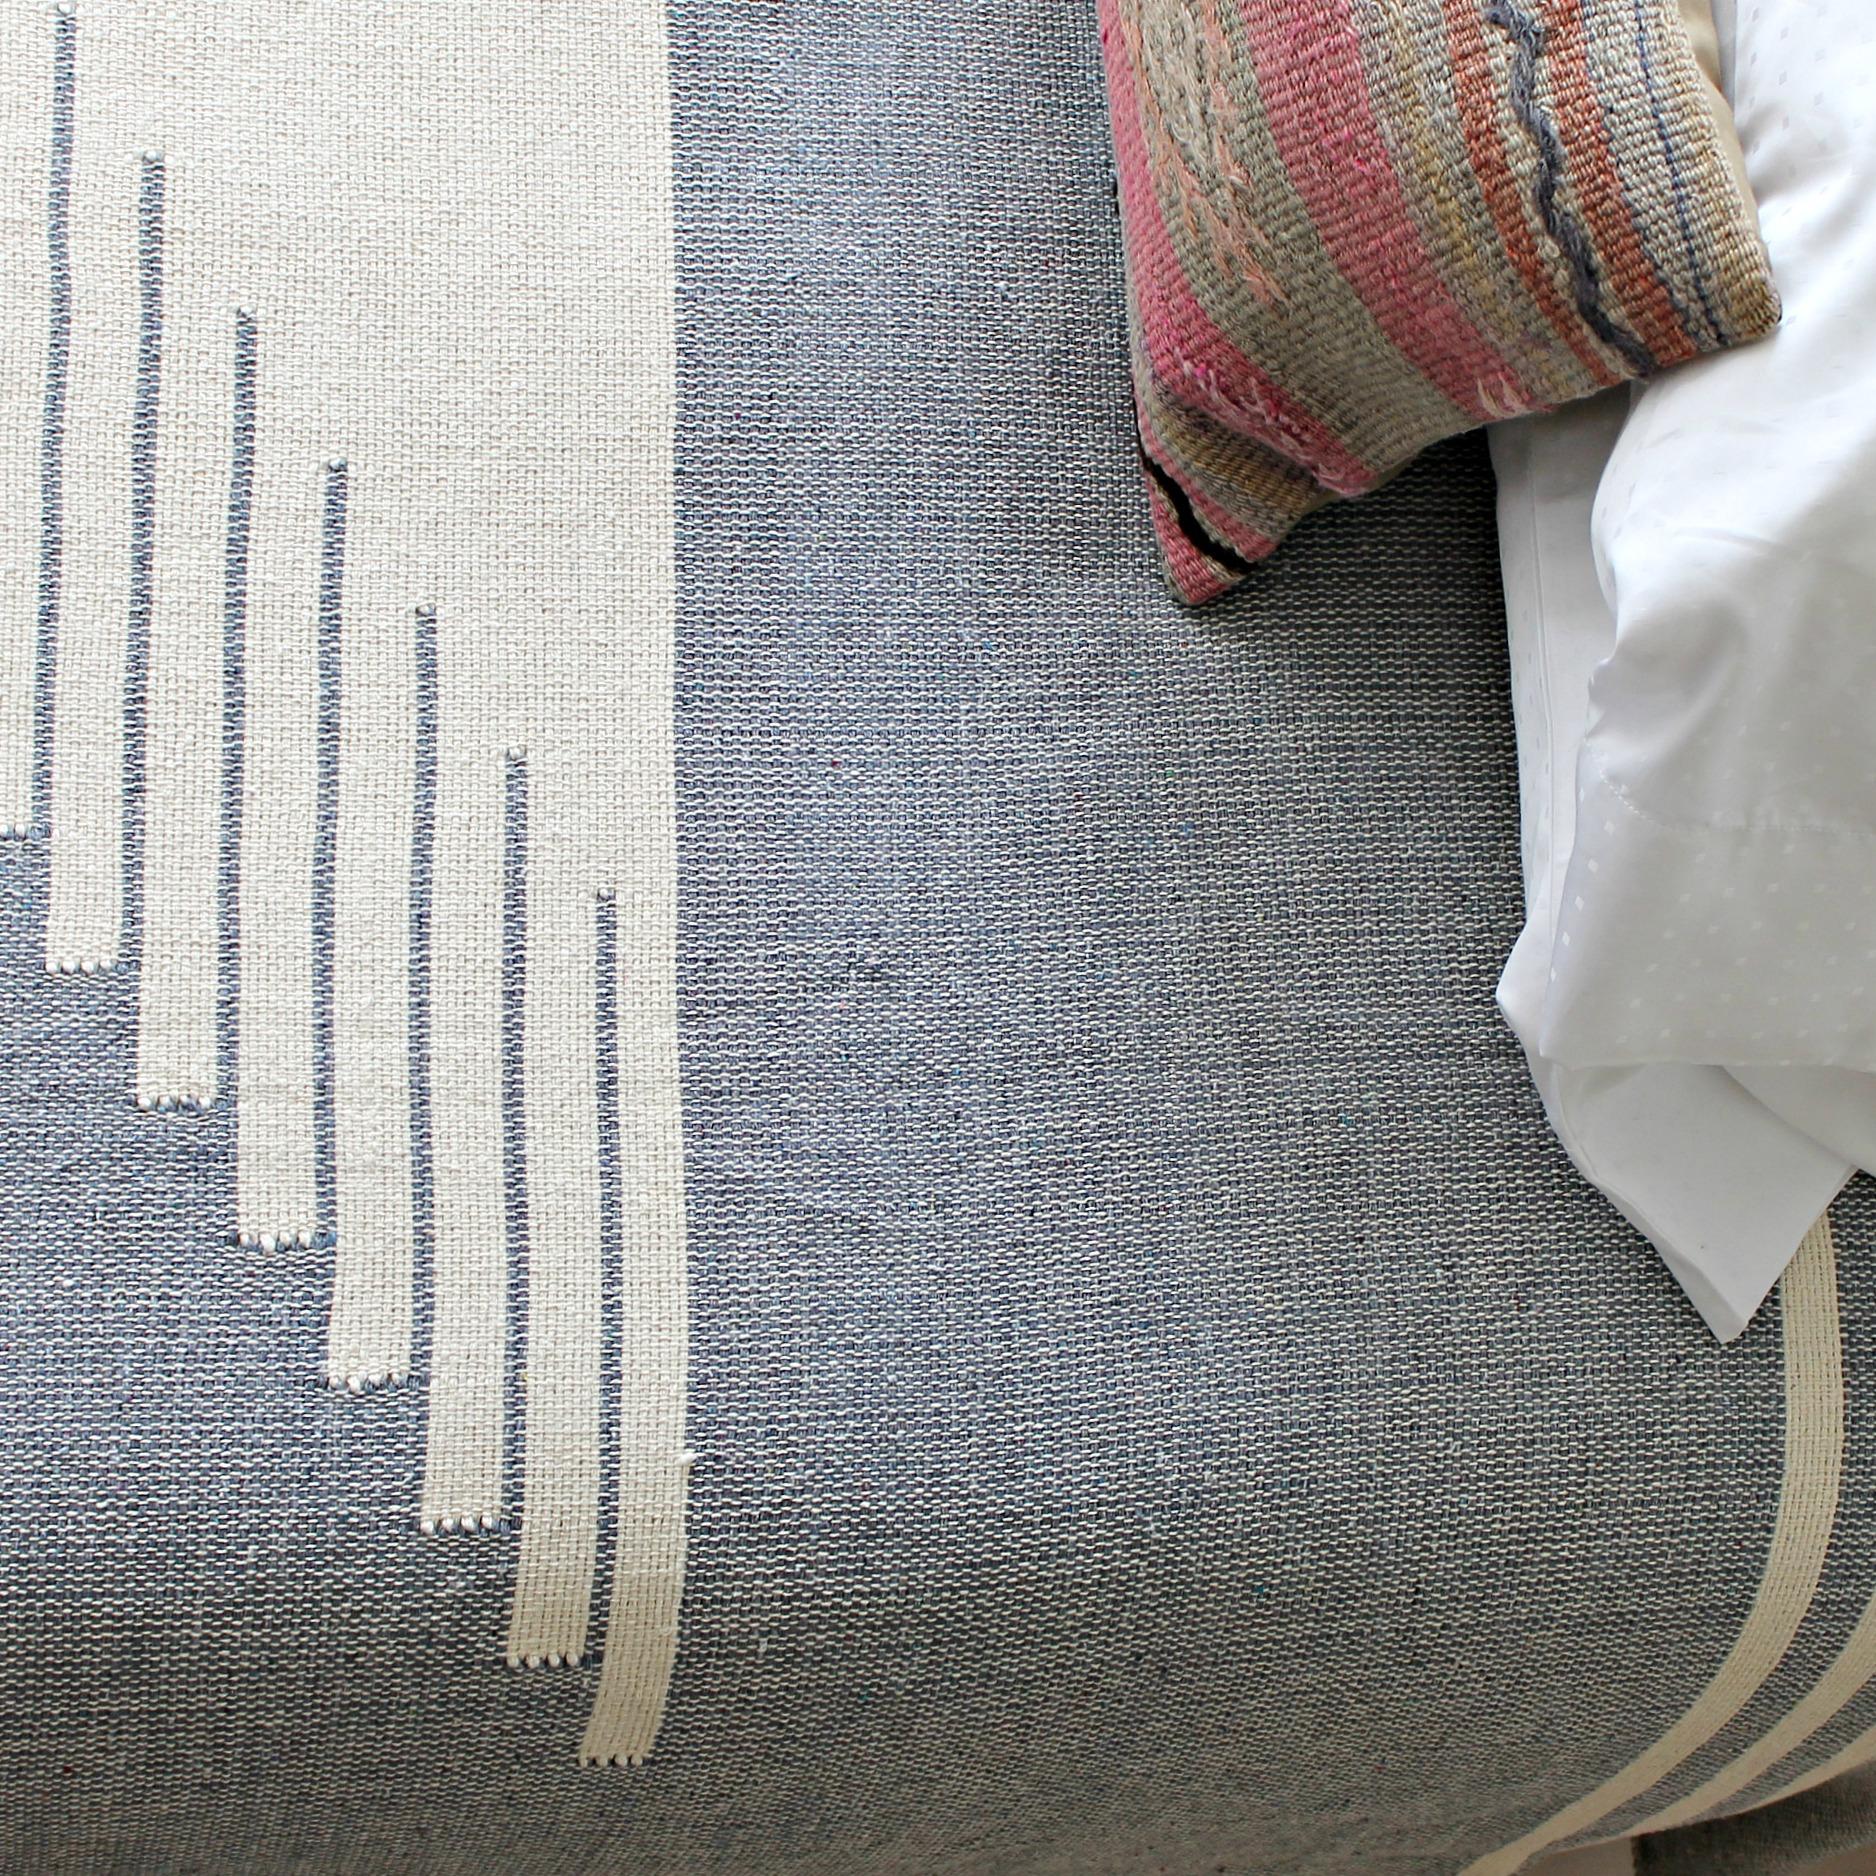 Nazca Blanket